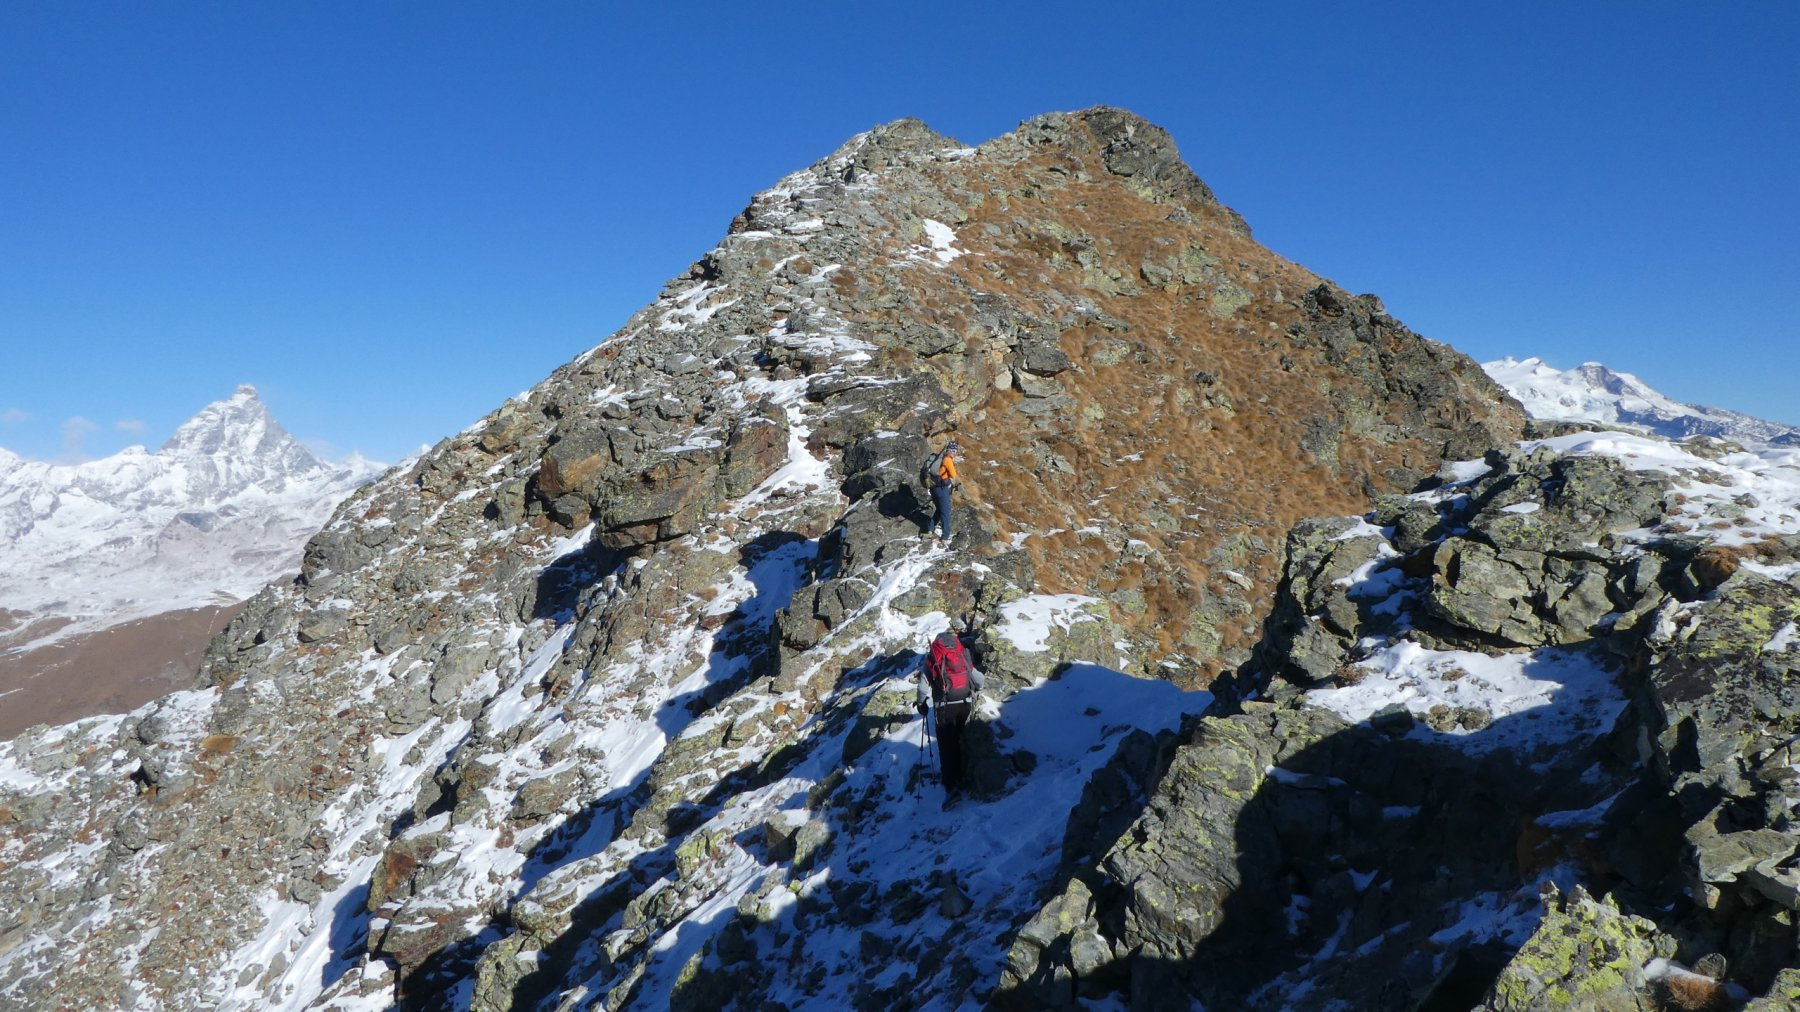 ultimo tratto di cresta e cima del Tantanè osservate dall'anticima